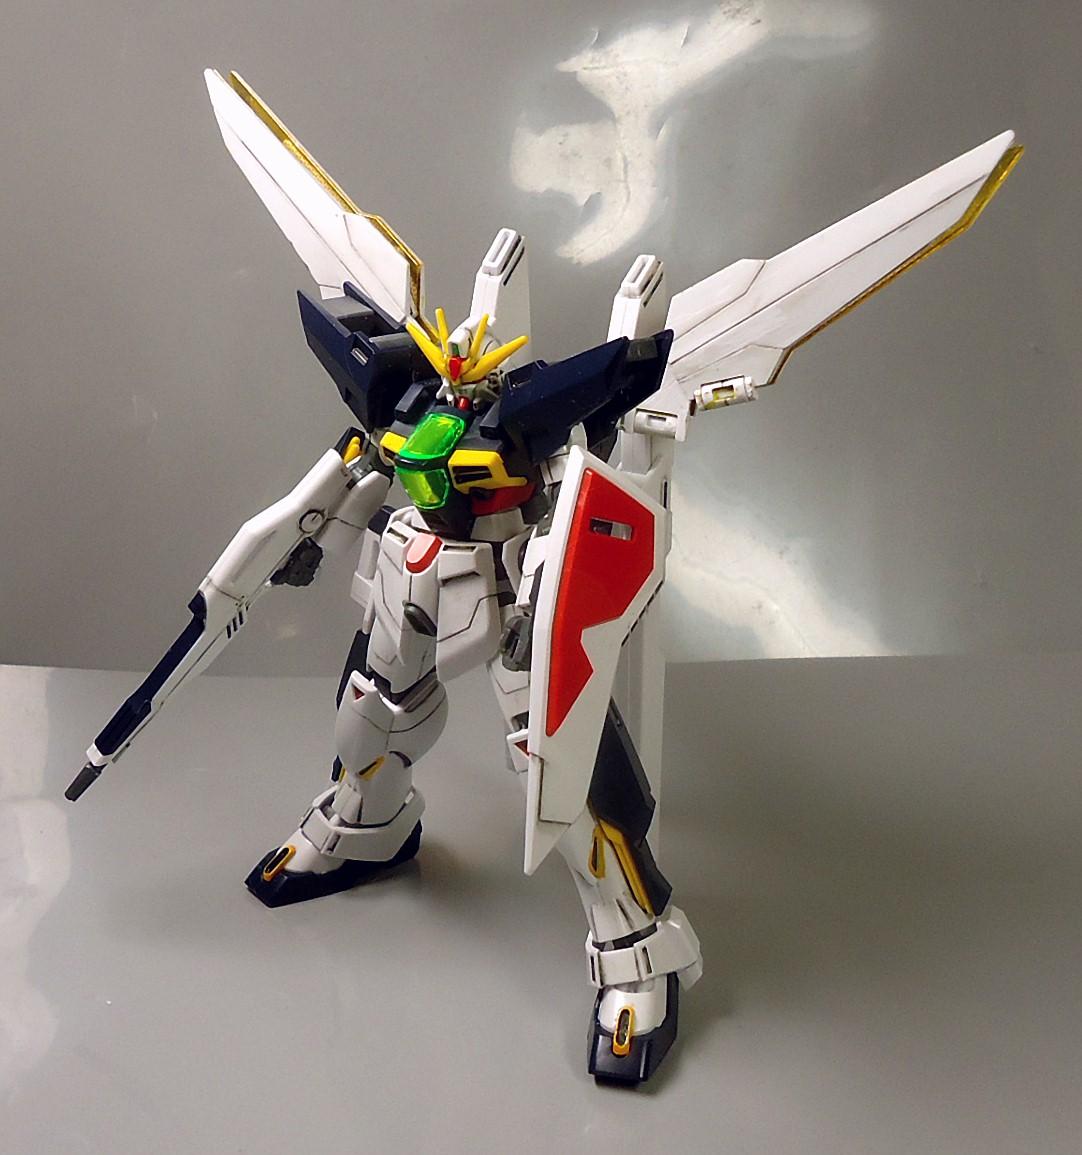 HG-gundam_DX-10.jpg